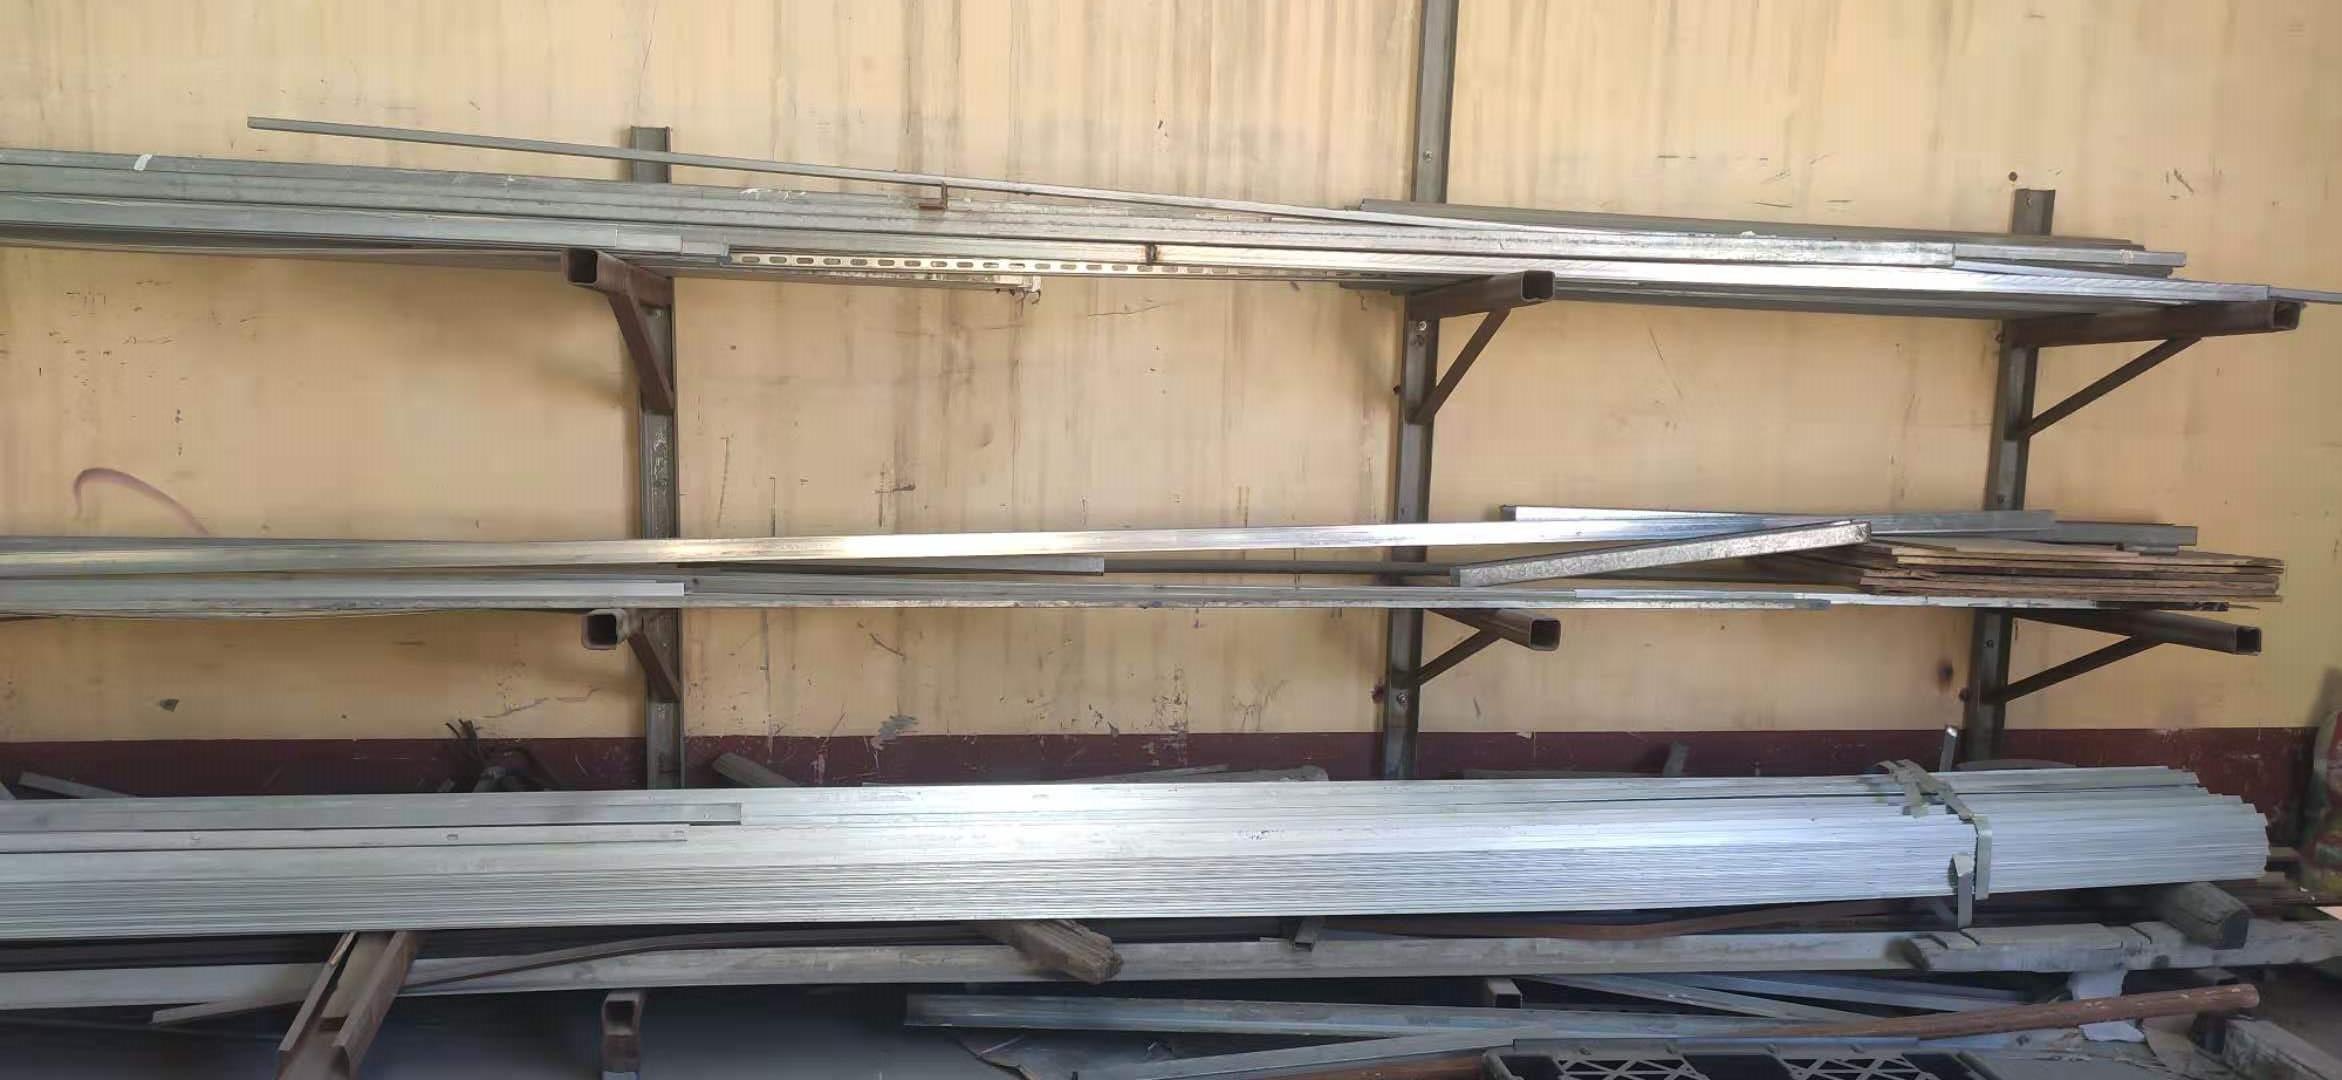 铝合金电缆桥架厚度有什么规定